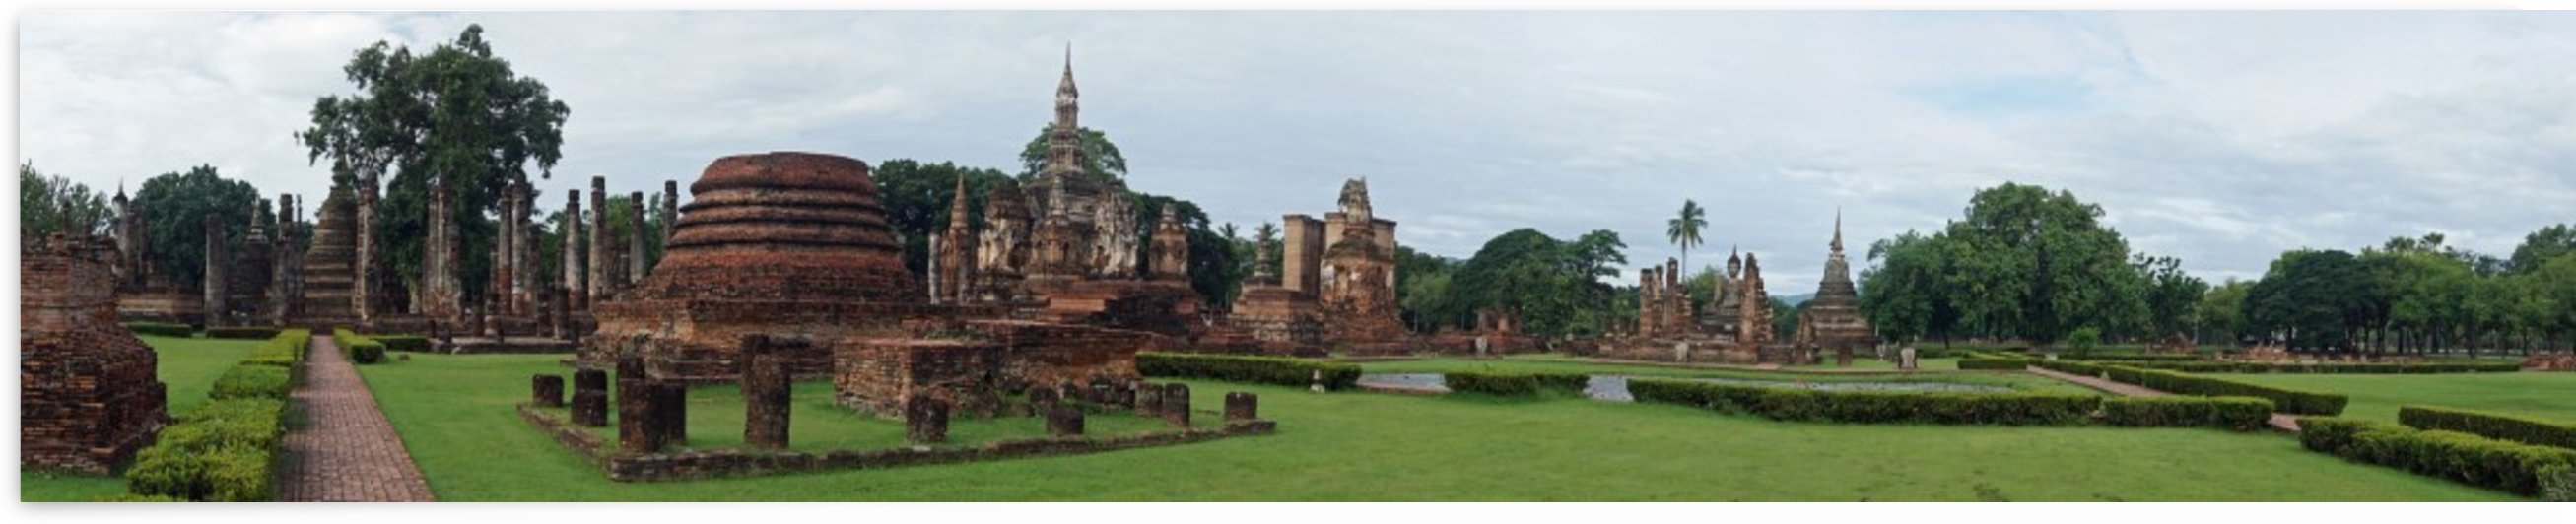 ruins in the historical park in sukhothai by Babett-s Bildergalerie